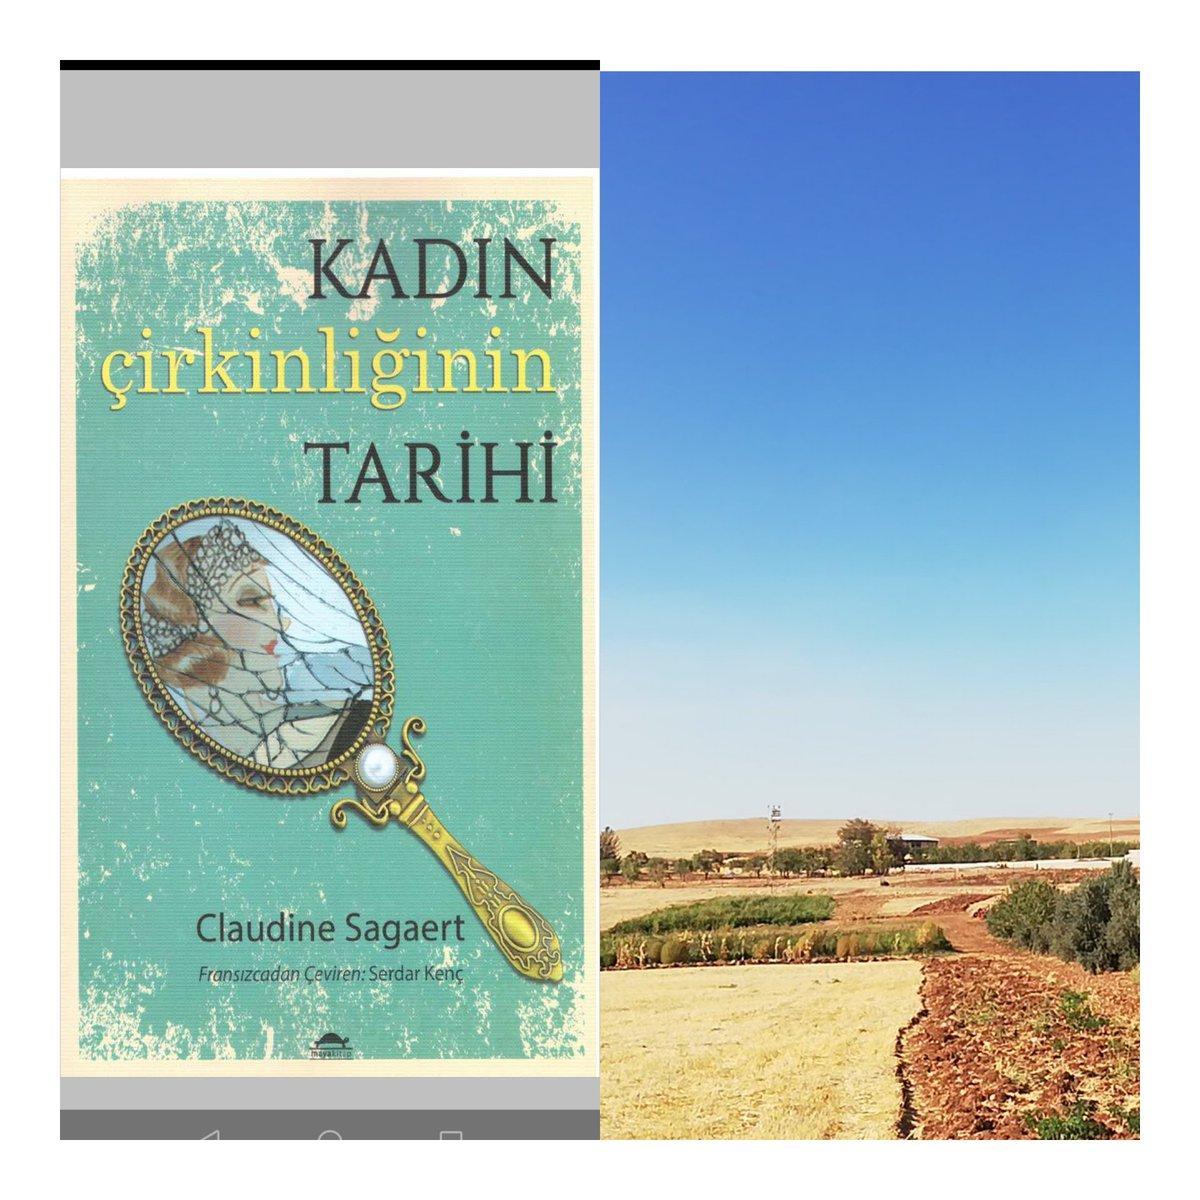 @edebicizgiler Kadın Çirkinliğinin Tarihi - Claudine Sagaert  Tarihi boyunca kadınlar üzerinde en büyük sömürü ve baskı aracı 'çirkinlik etiketi' olmuştur...  Tarih boyunca insanların sosyal yaşamında 'kadının tarihine' dair yazılmış harika bir araştırma - inceleme kitabı.